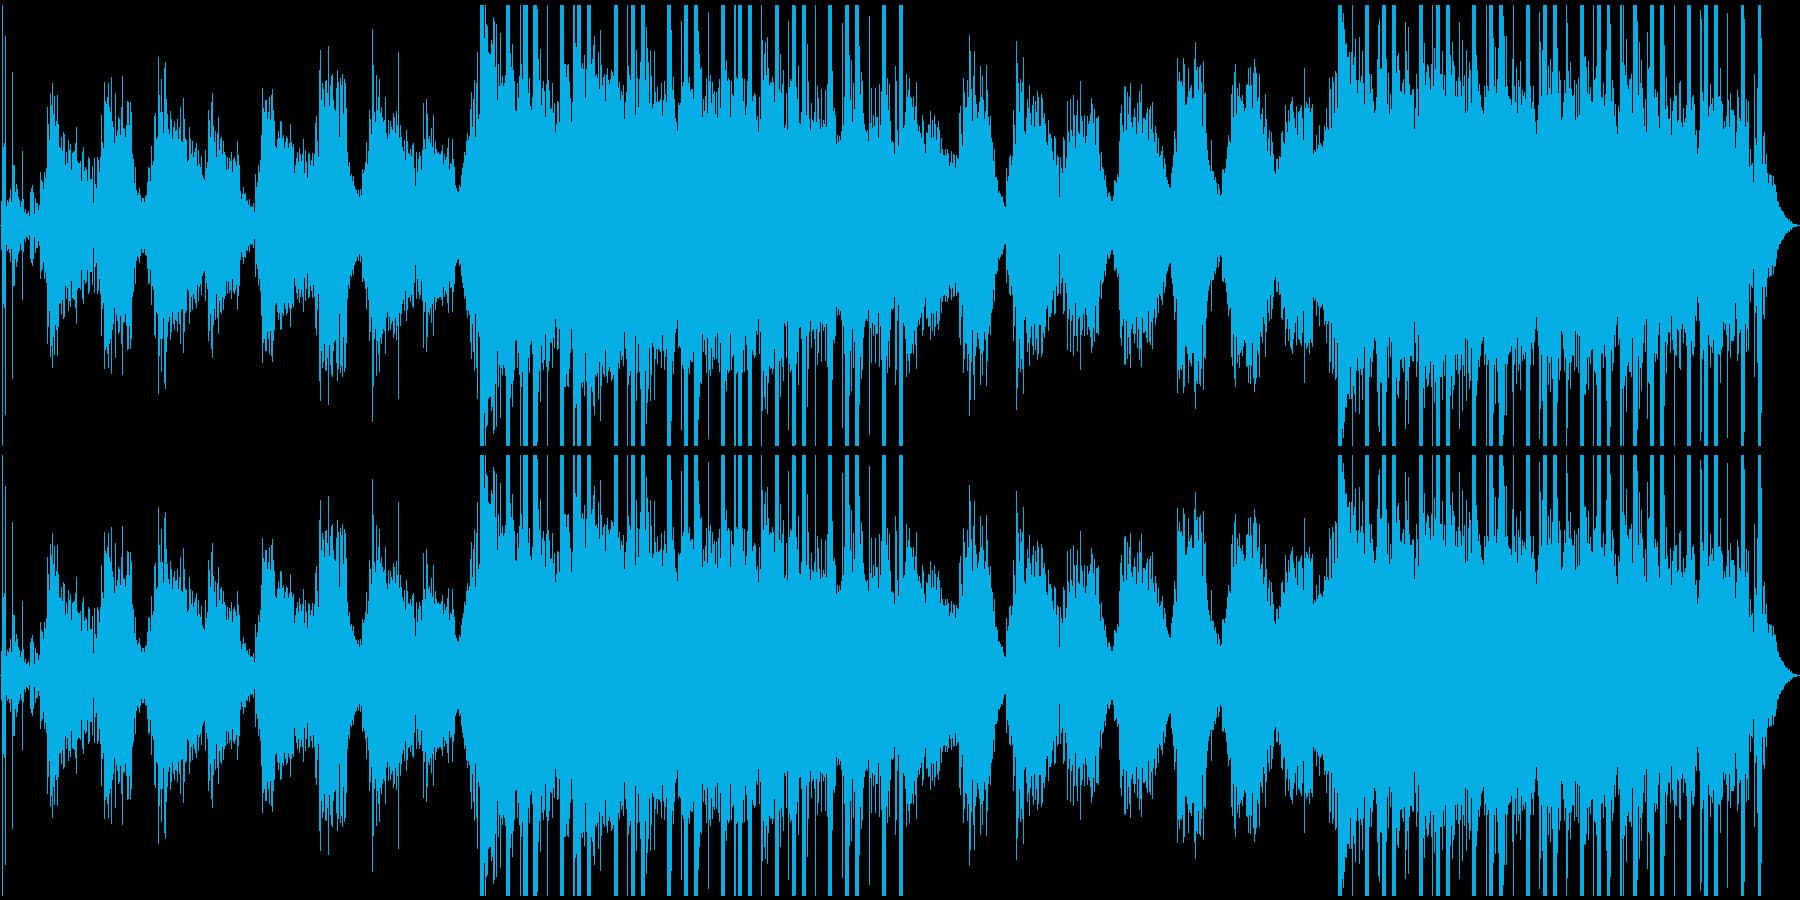 滴の下たる幻想的な洞窟・切ない木管楽器の再生済みの波形